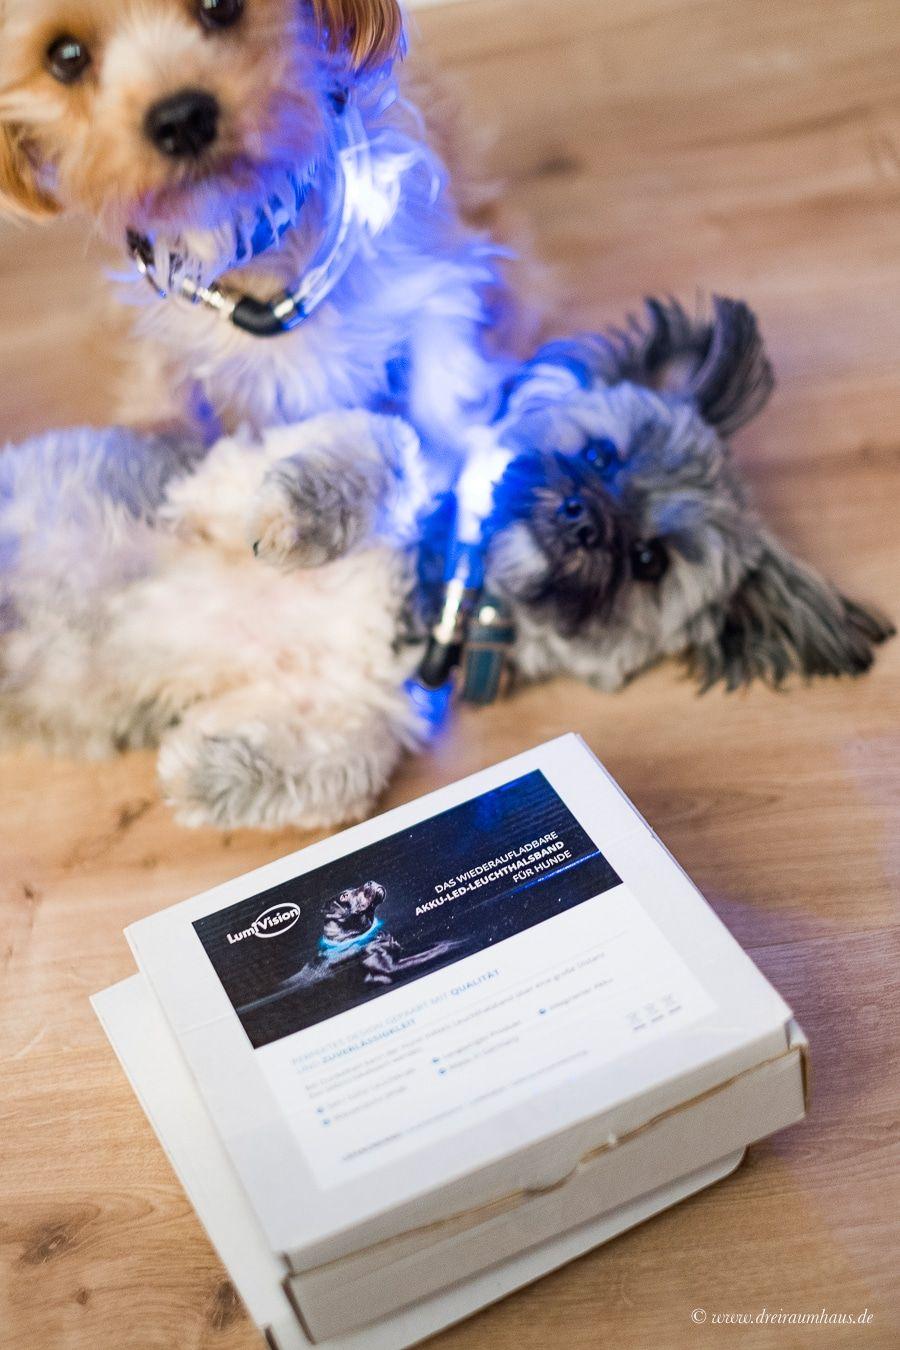 Sicherheit für Hunde und Hundehalter mit dem LumiVision AKKU Leuchthalsband mit LED von Tierarzt24.de!